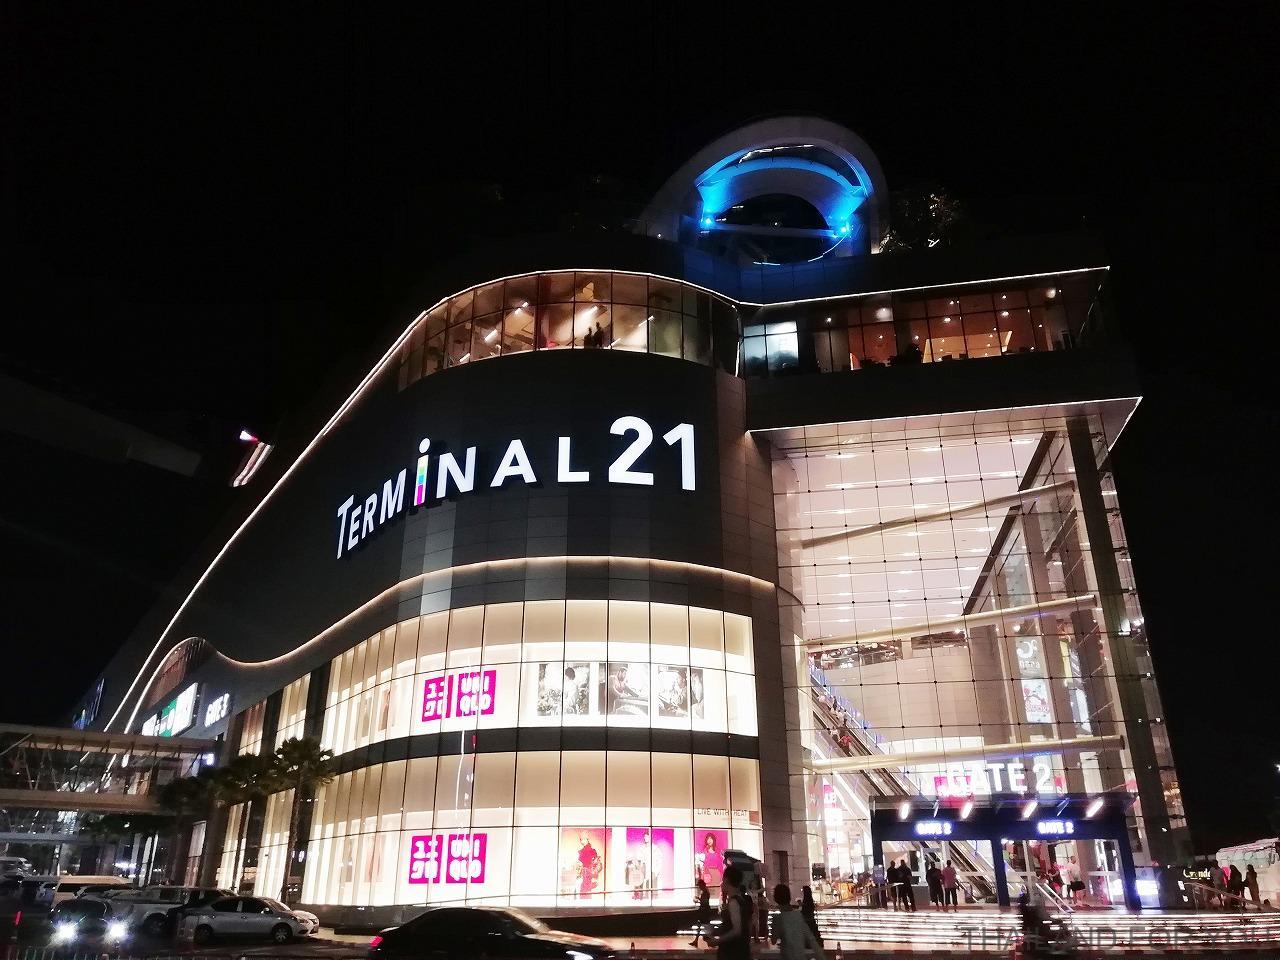 パタヤ ターミナル21 夜